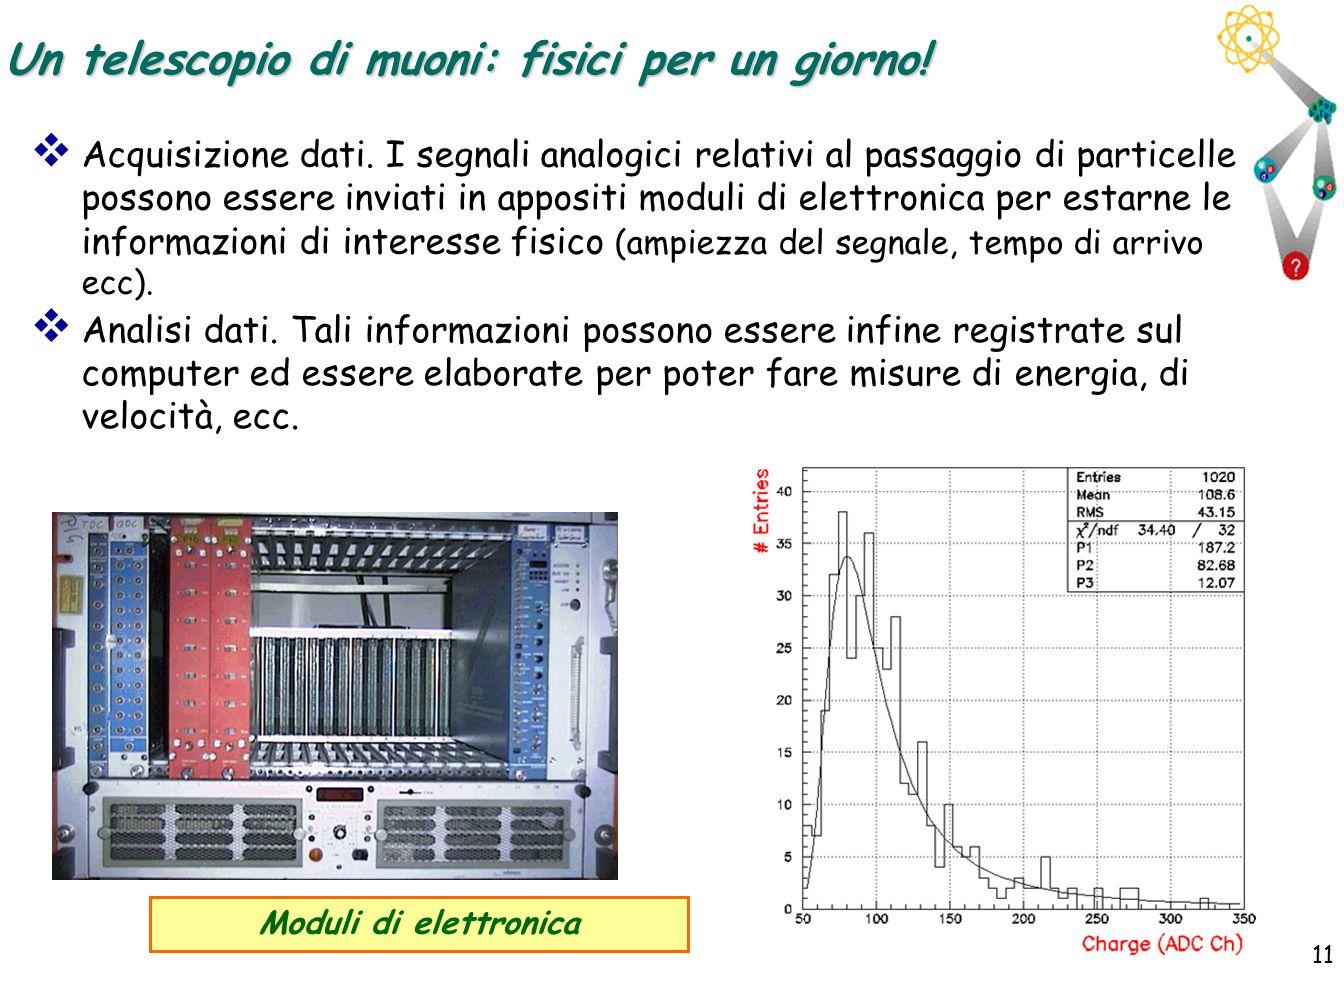 11 Un telescopio di muoni: fisici per un giorno! Acquisizione dati. I segnali analogici relativi al passaggio di particelle possono essere inviati in